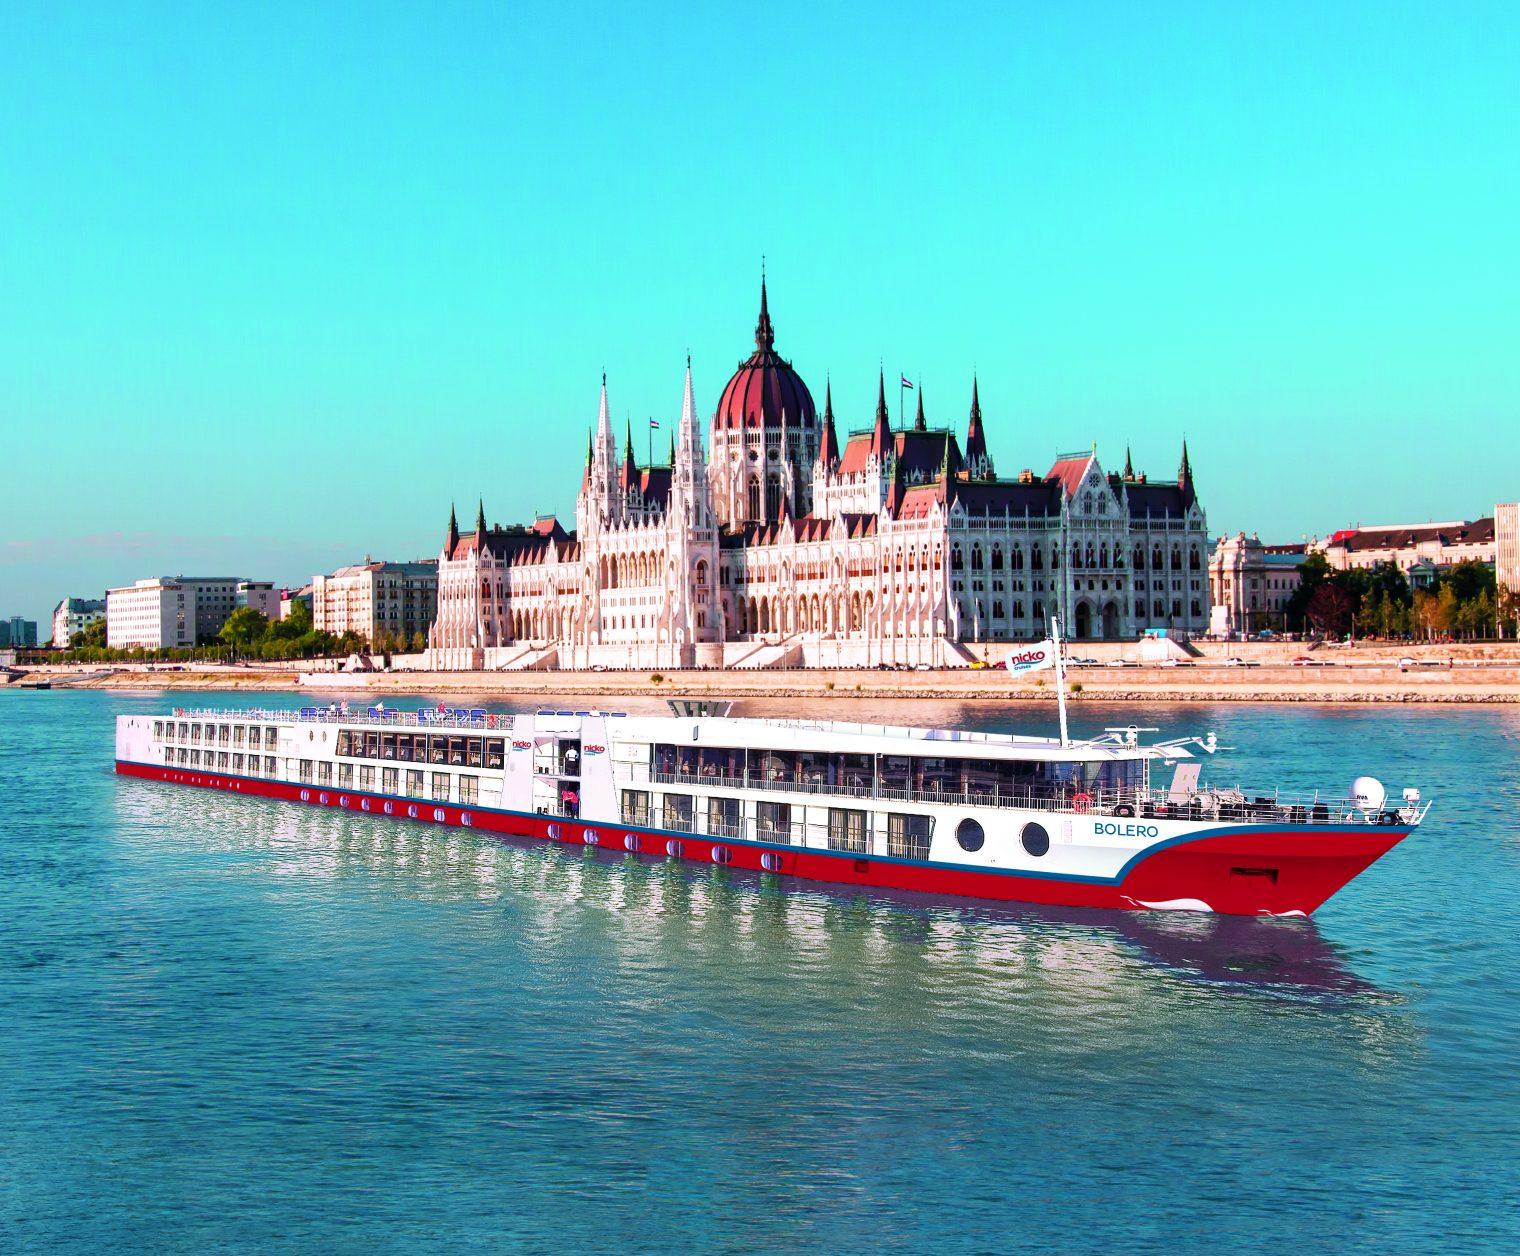 MS Bolero vor dem Parlament in Budapest Foto: nicko cruises